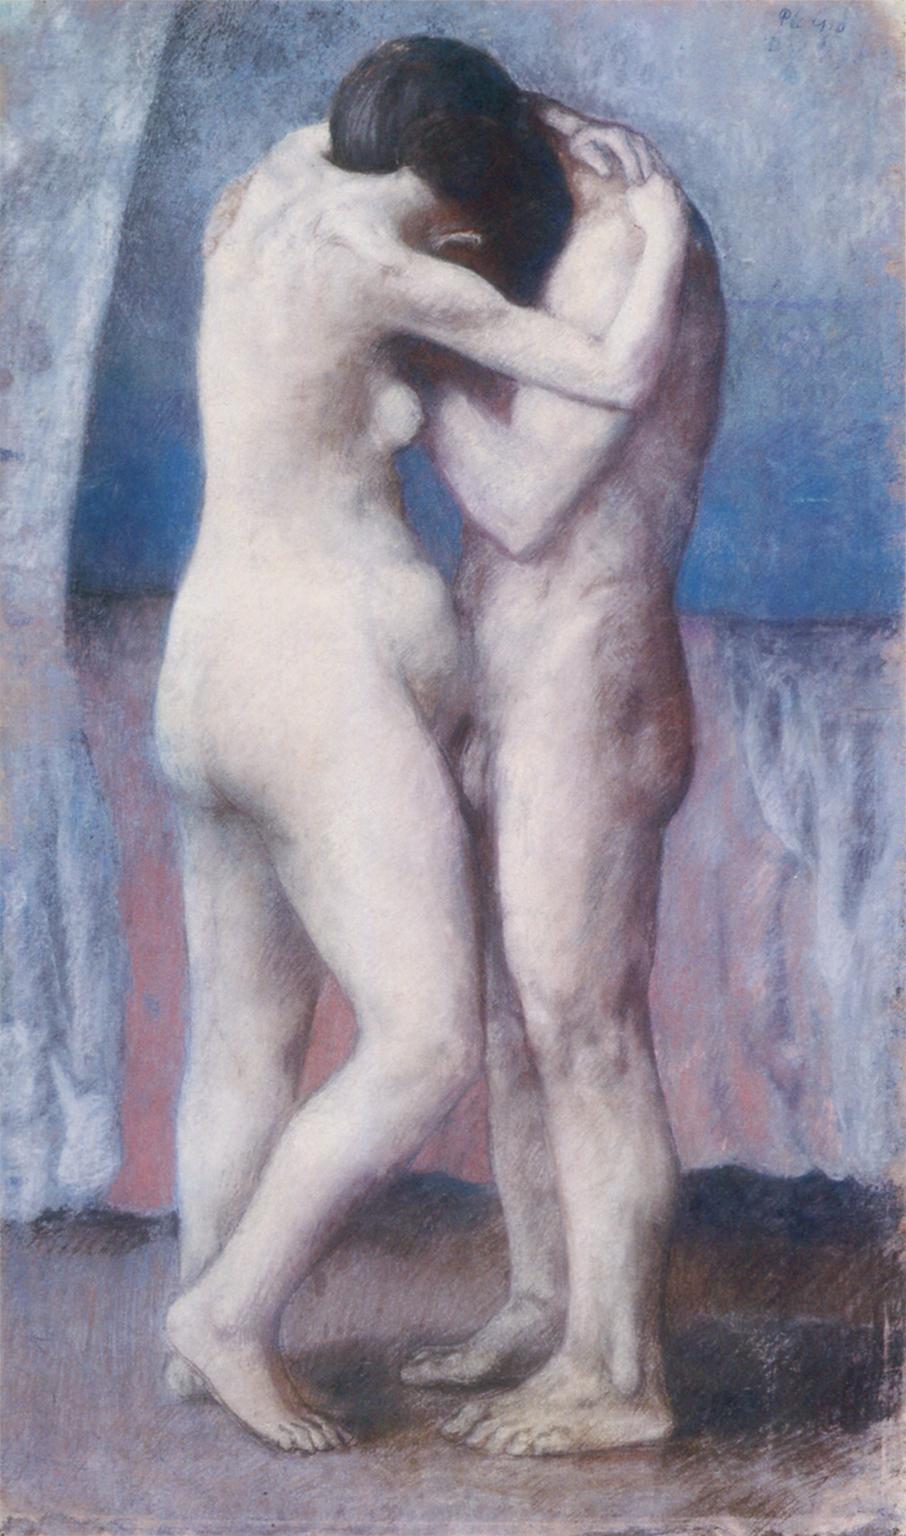 Picasso a-t-il un cœur ? | Sur la peinture